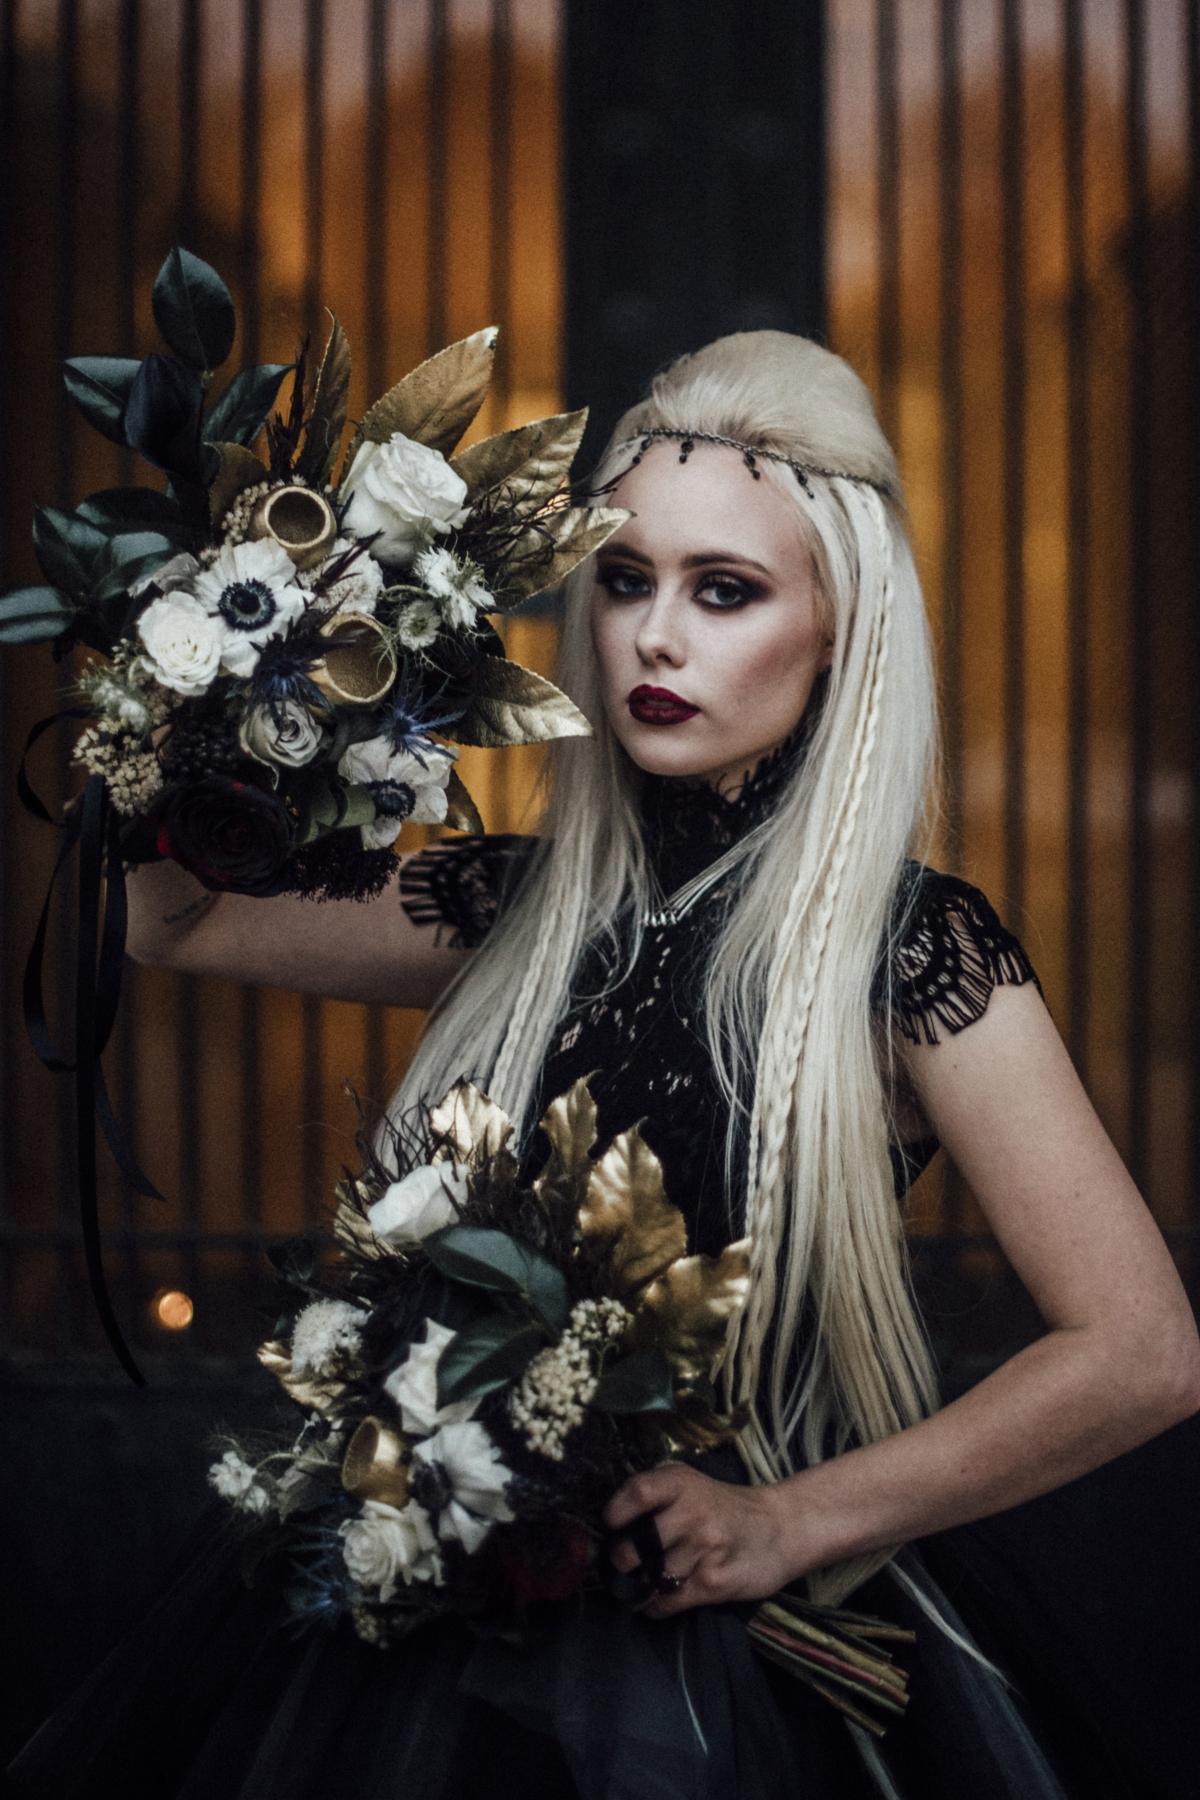 Wiccan Bride